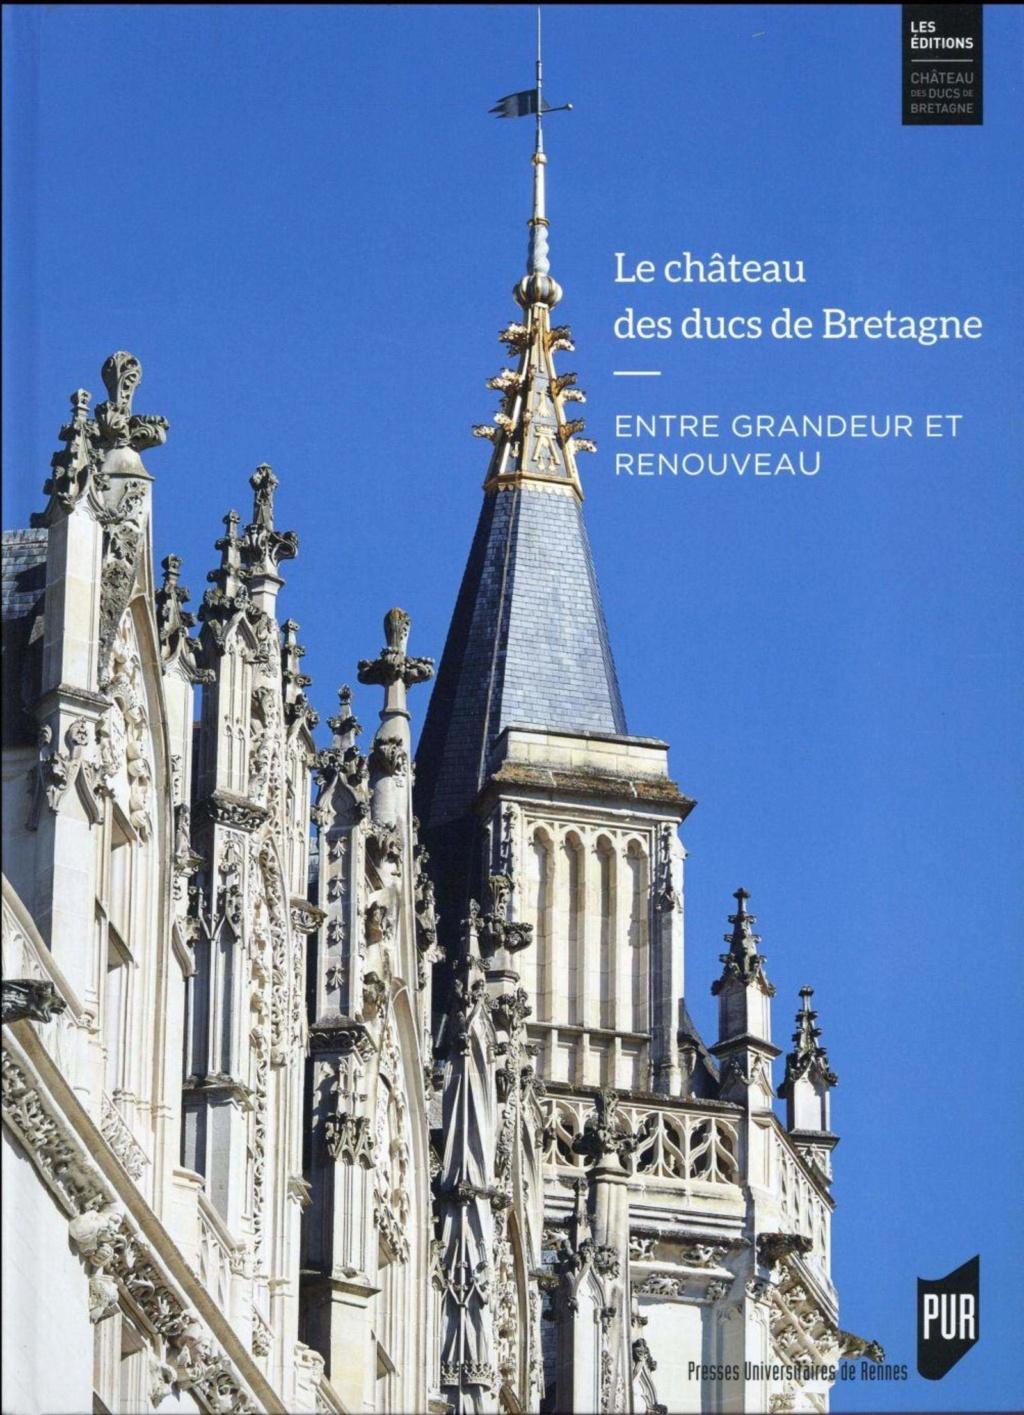 Le château des ducs de Bretagne - Entre grandeur et renouveau. Huit siècles d'histoire Chatea12